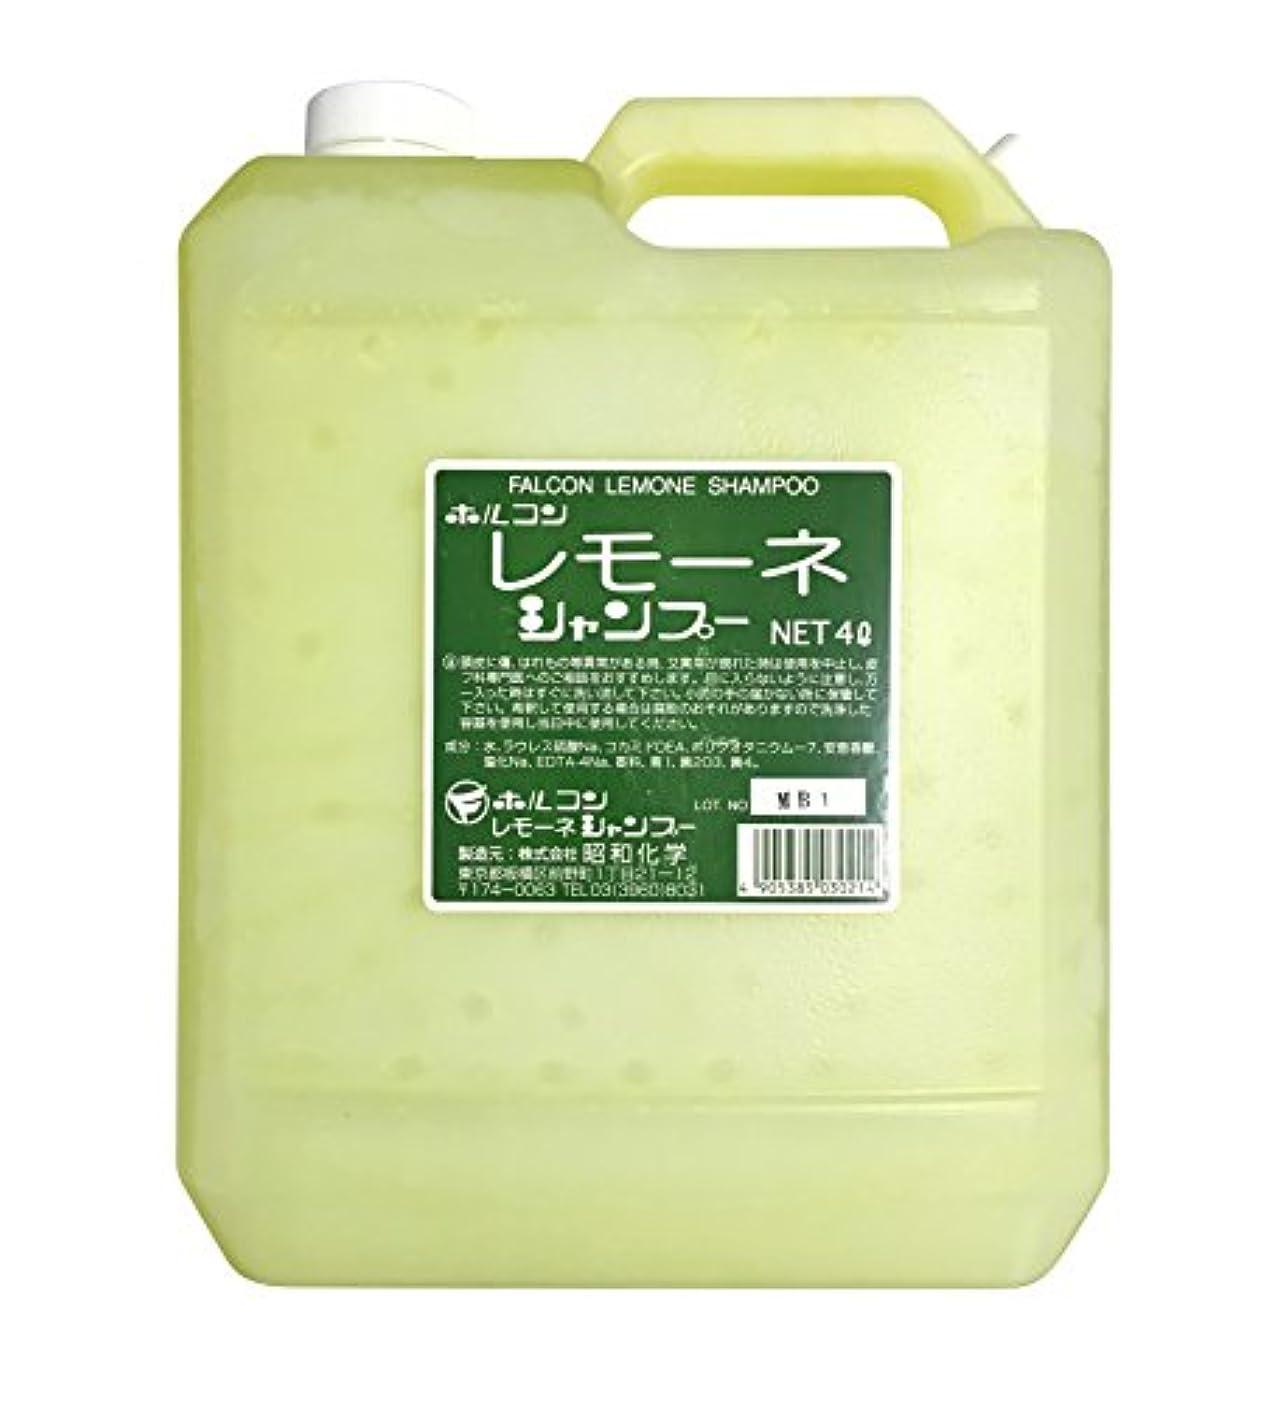 ハブ演劇観客昭和化学 ホルコン レモーネシャンプー 4000ml